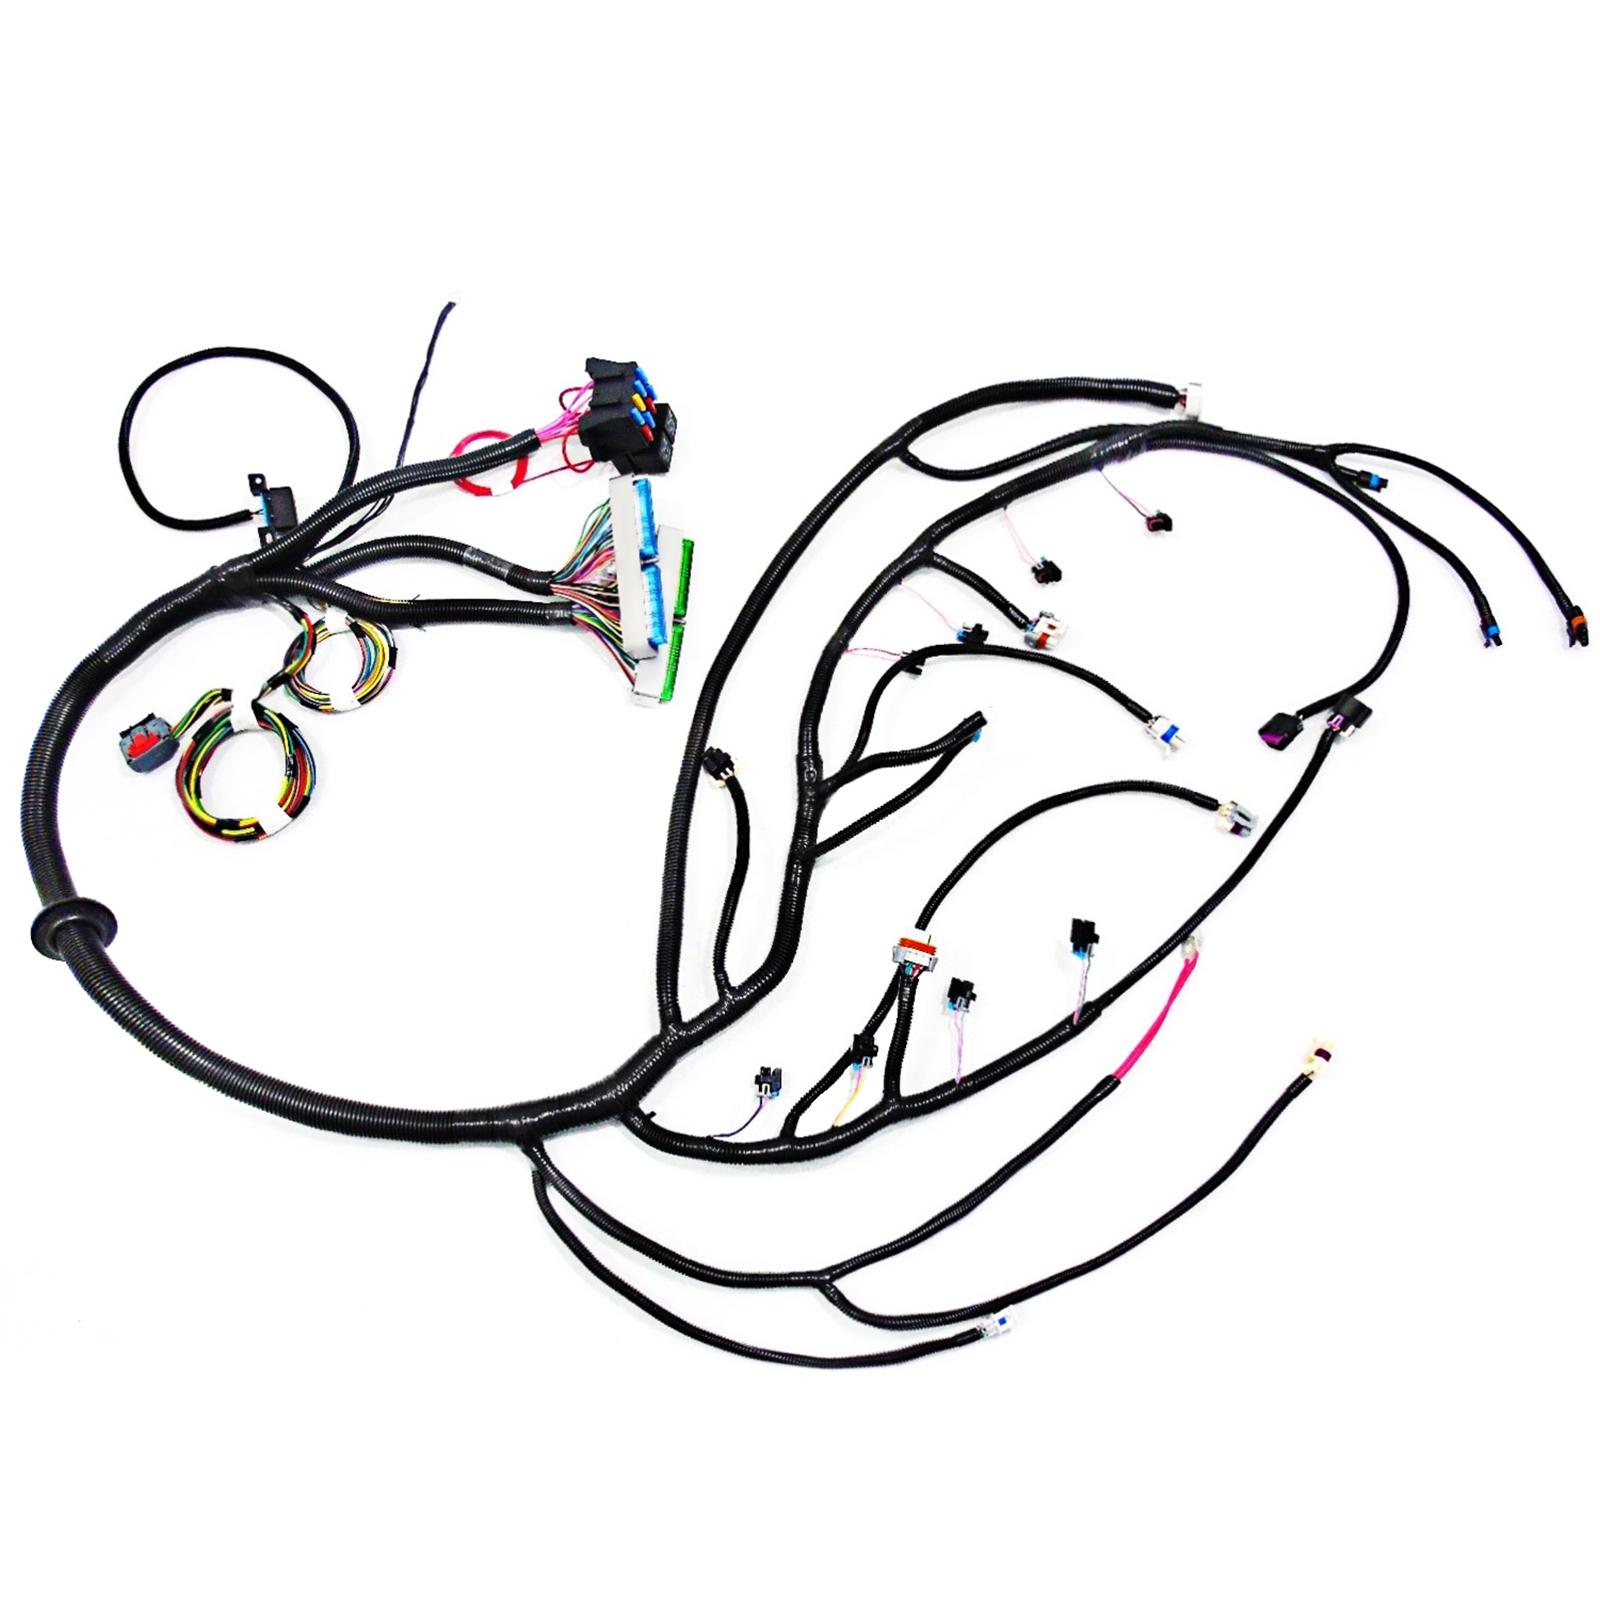 u0026 39 03  4l60e standalone swap wiring harness  dbw  ls1 intake 871248811143